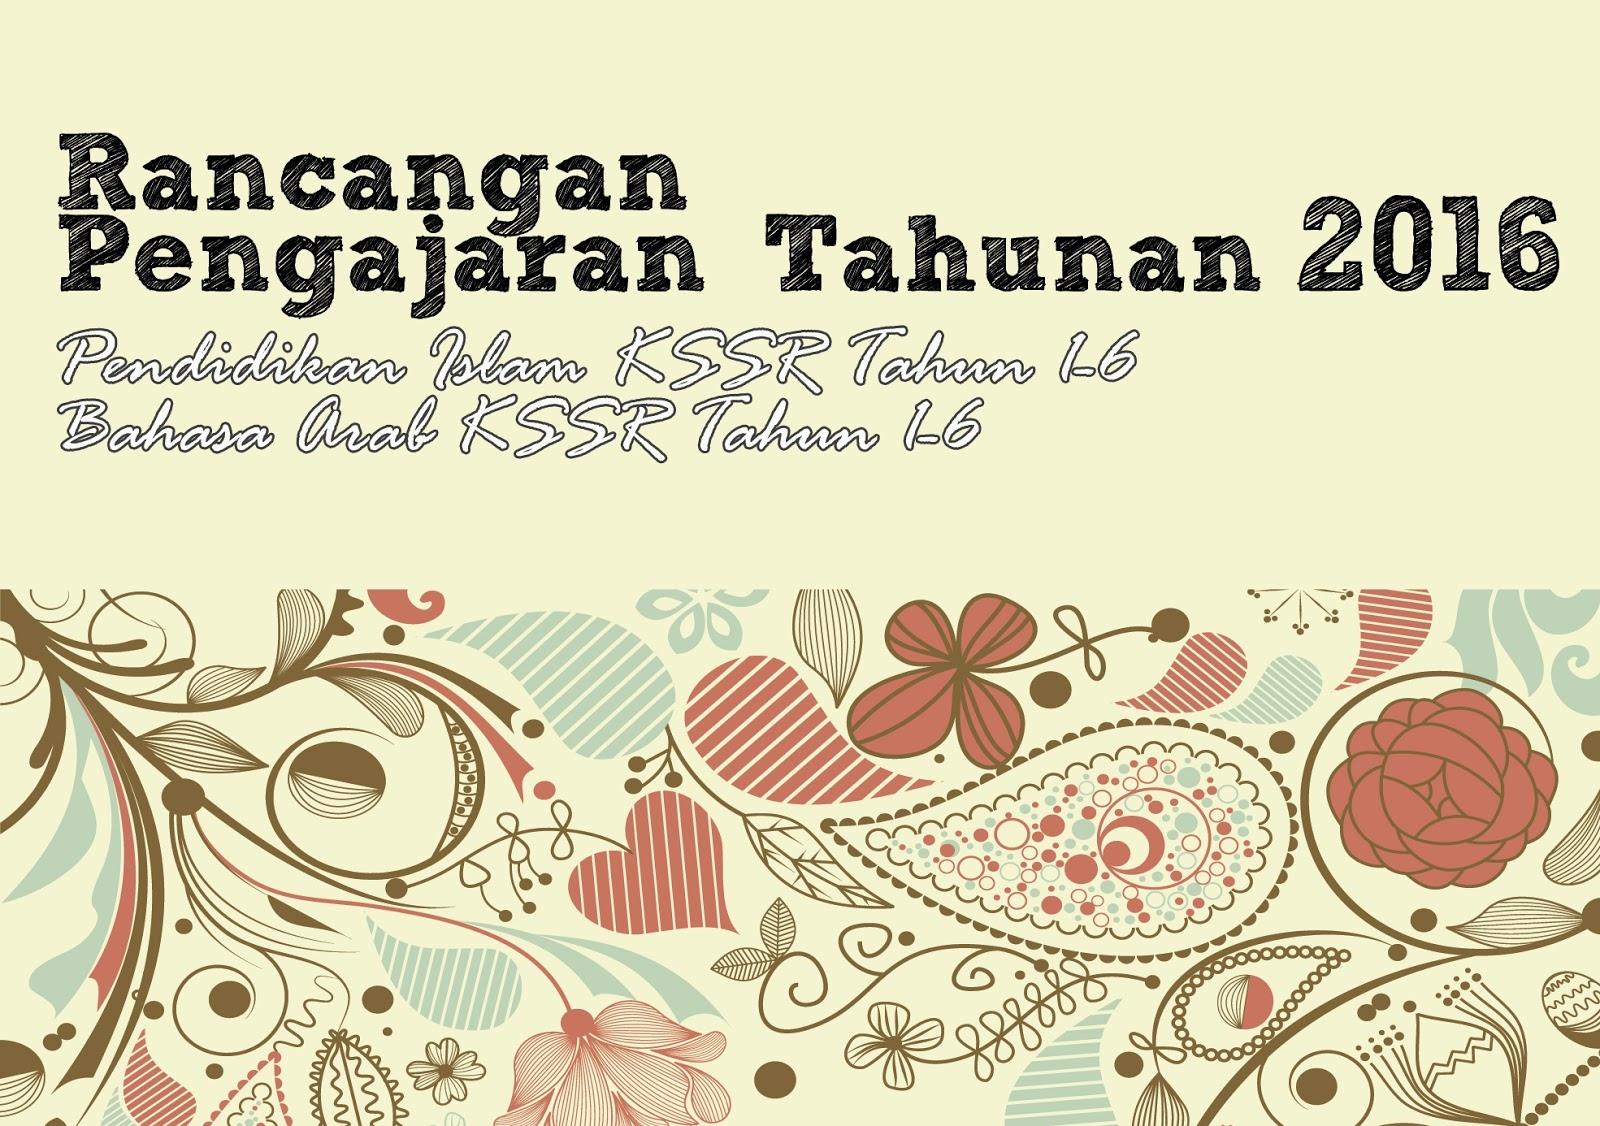 Download Rpt Pendidikan Seni Visual Tingkatan 5 Penting J Qaf Sk Sulaiman Rancangan Pengajaran Tahunan Pendidikan islam Of Himpunan Rpt Pendidikan Seni Visual Tingkatan 5 Yang Dapat Di Download Dengan Senang